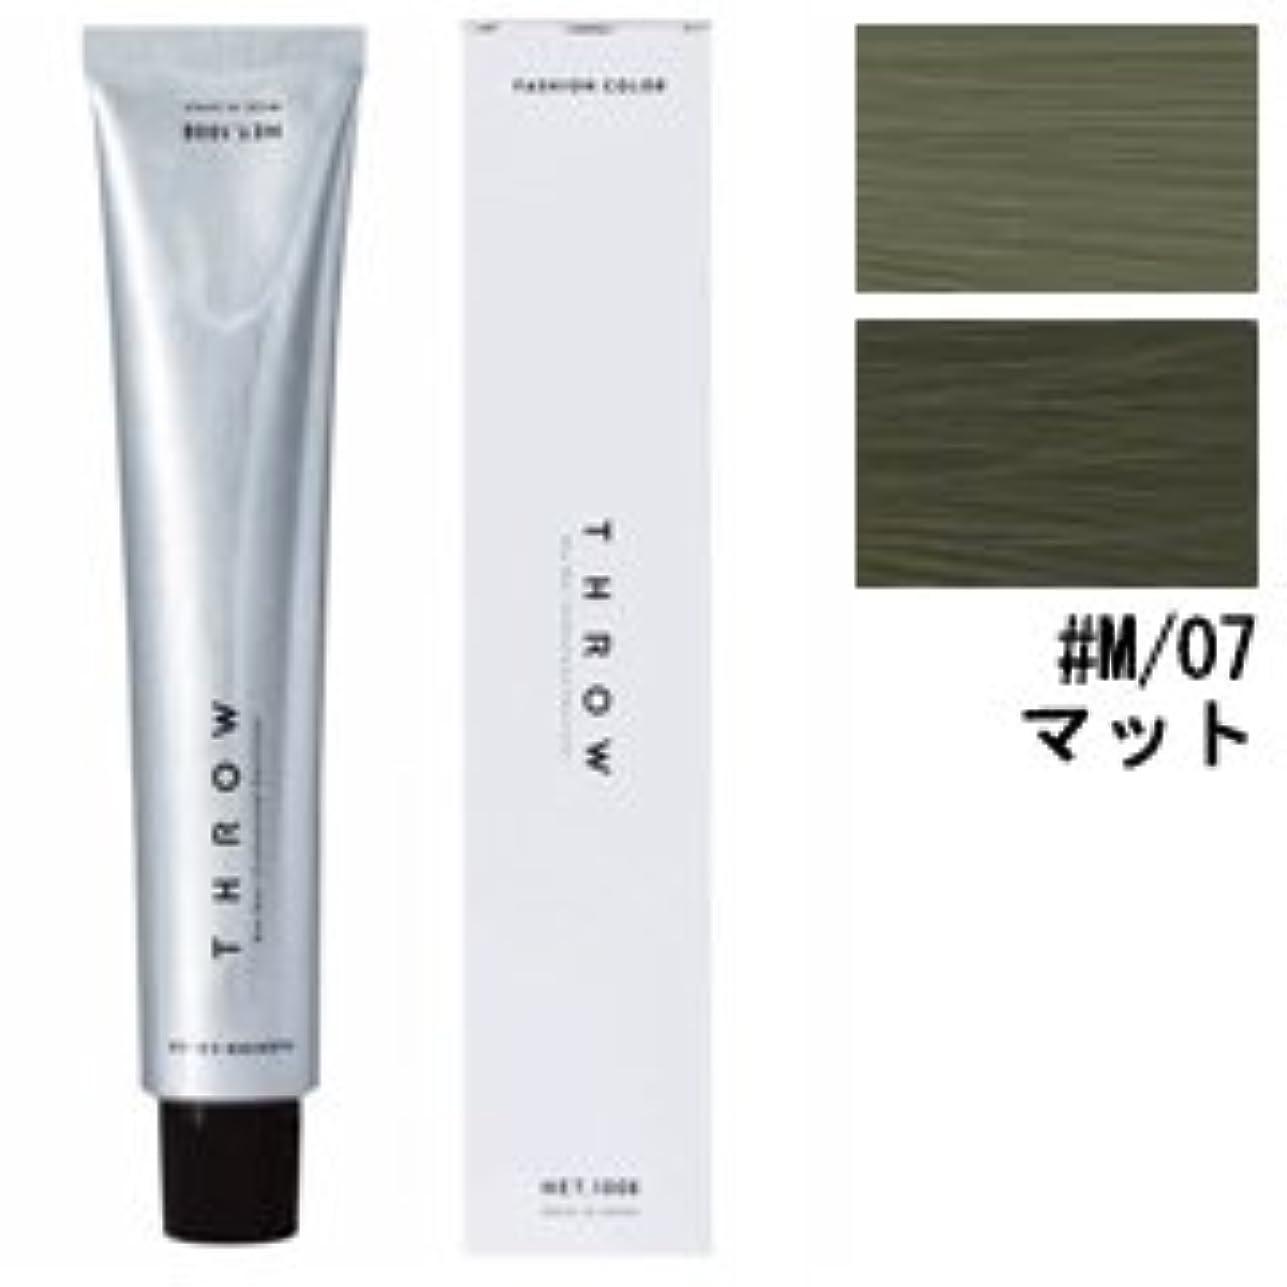 腐敗痛みホット【モルトベーネ】スロウ ファッションカラー #M/07 マット 100g